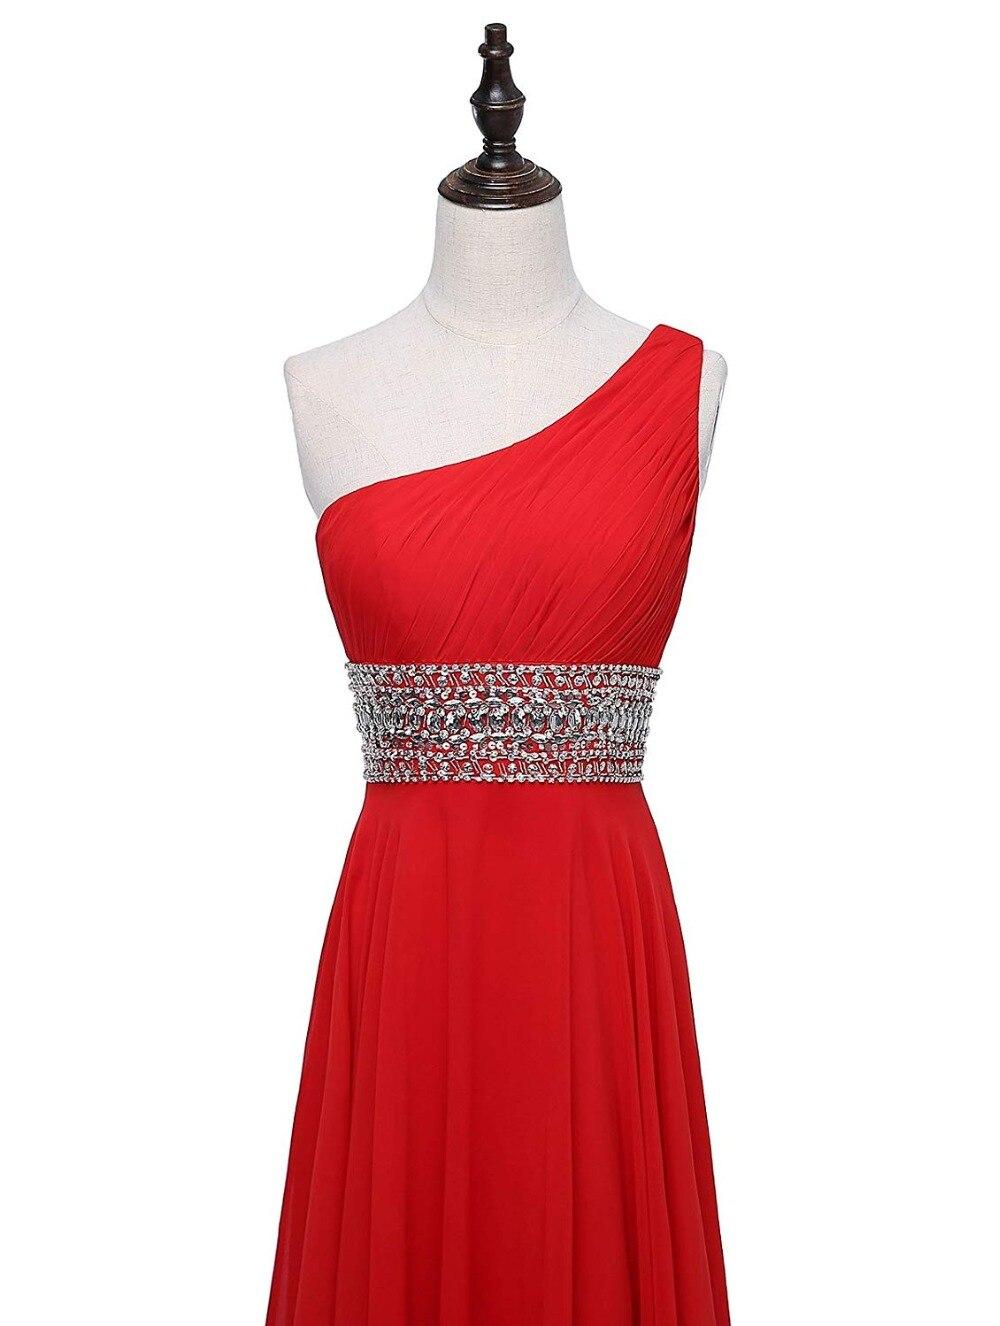 JaneVini bleu Royal mousseline de soie longues robes de demoiselle d'honneur avec des perles de cristal une ligne une épaule élégante robe femmes pour la fête de mariage - 5